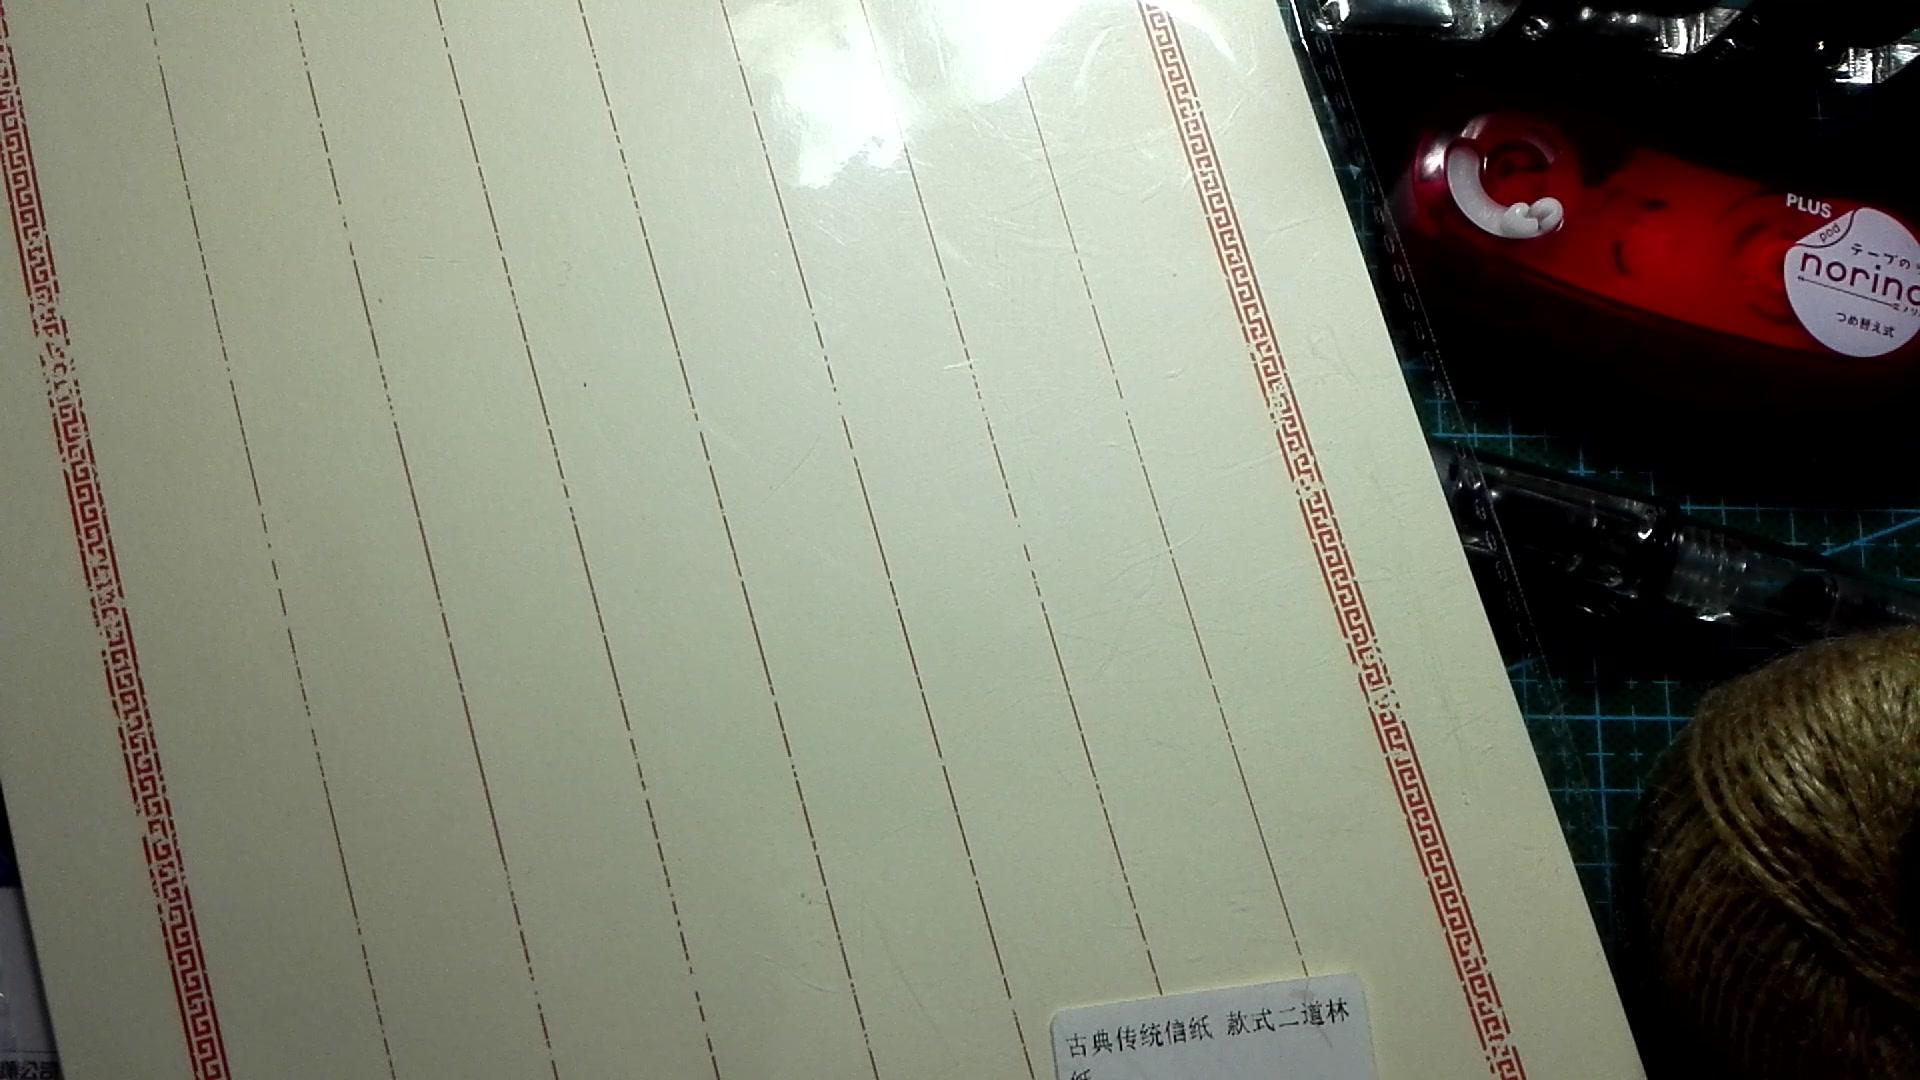 信纸模板-彩色墨 背景